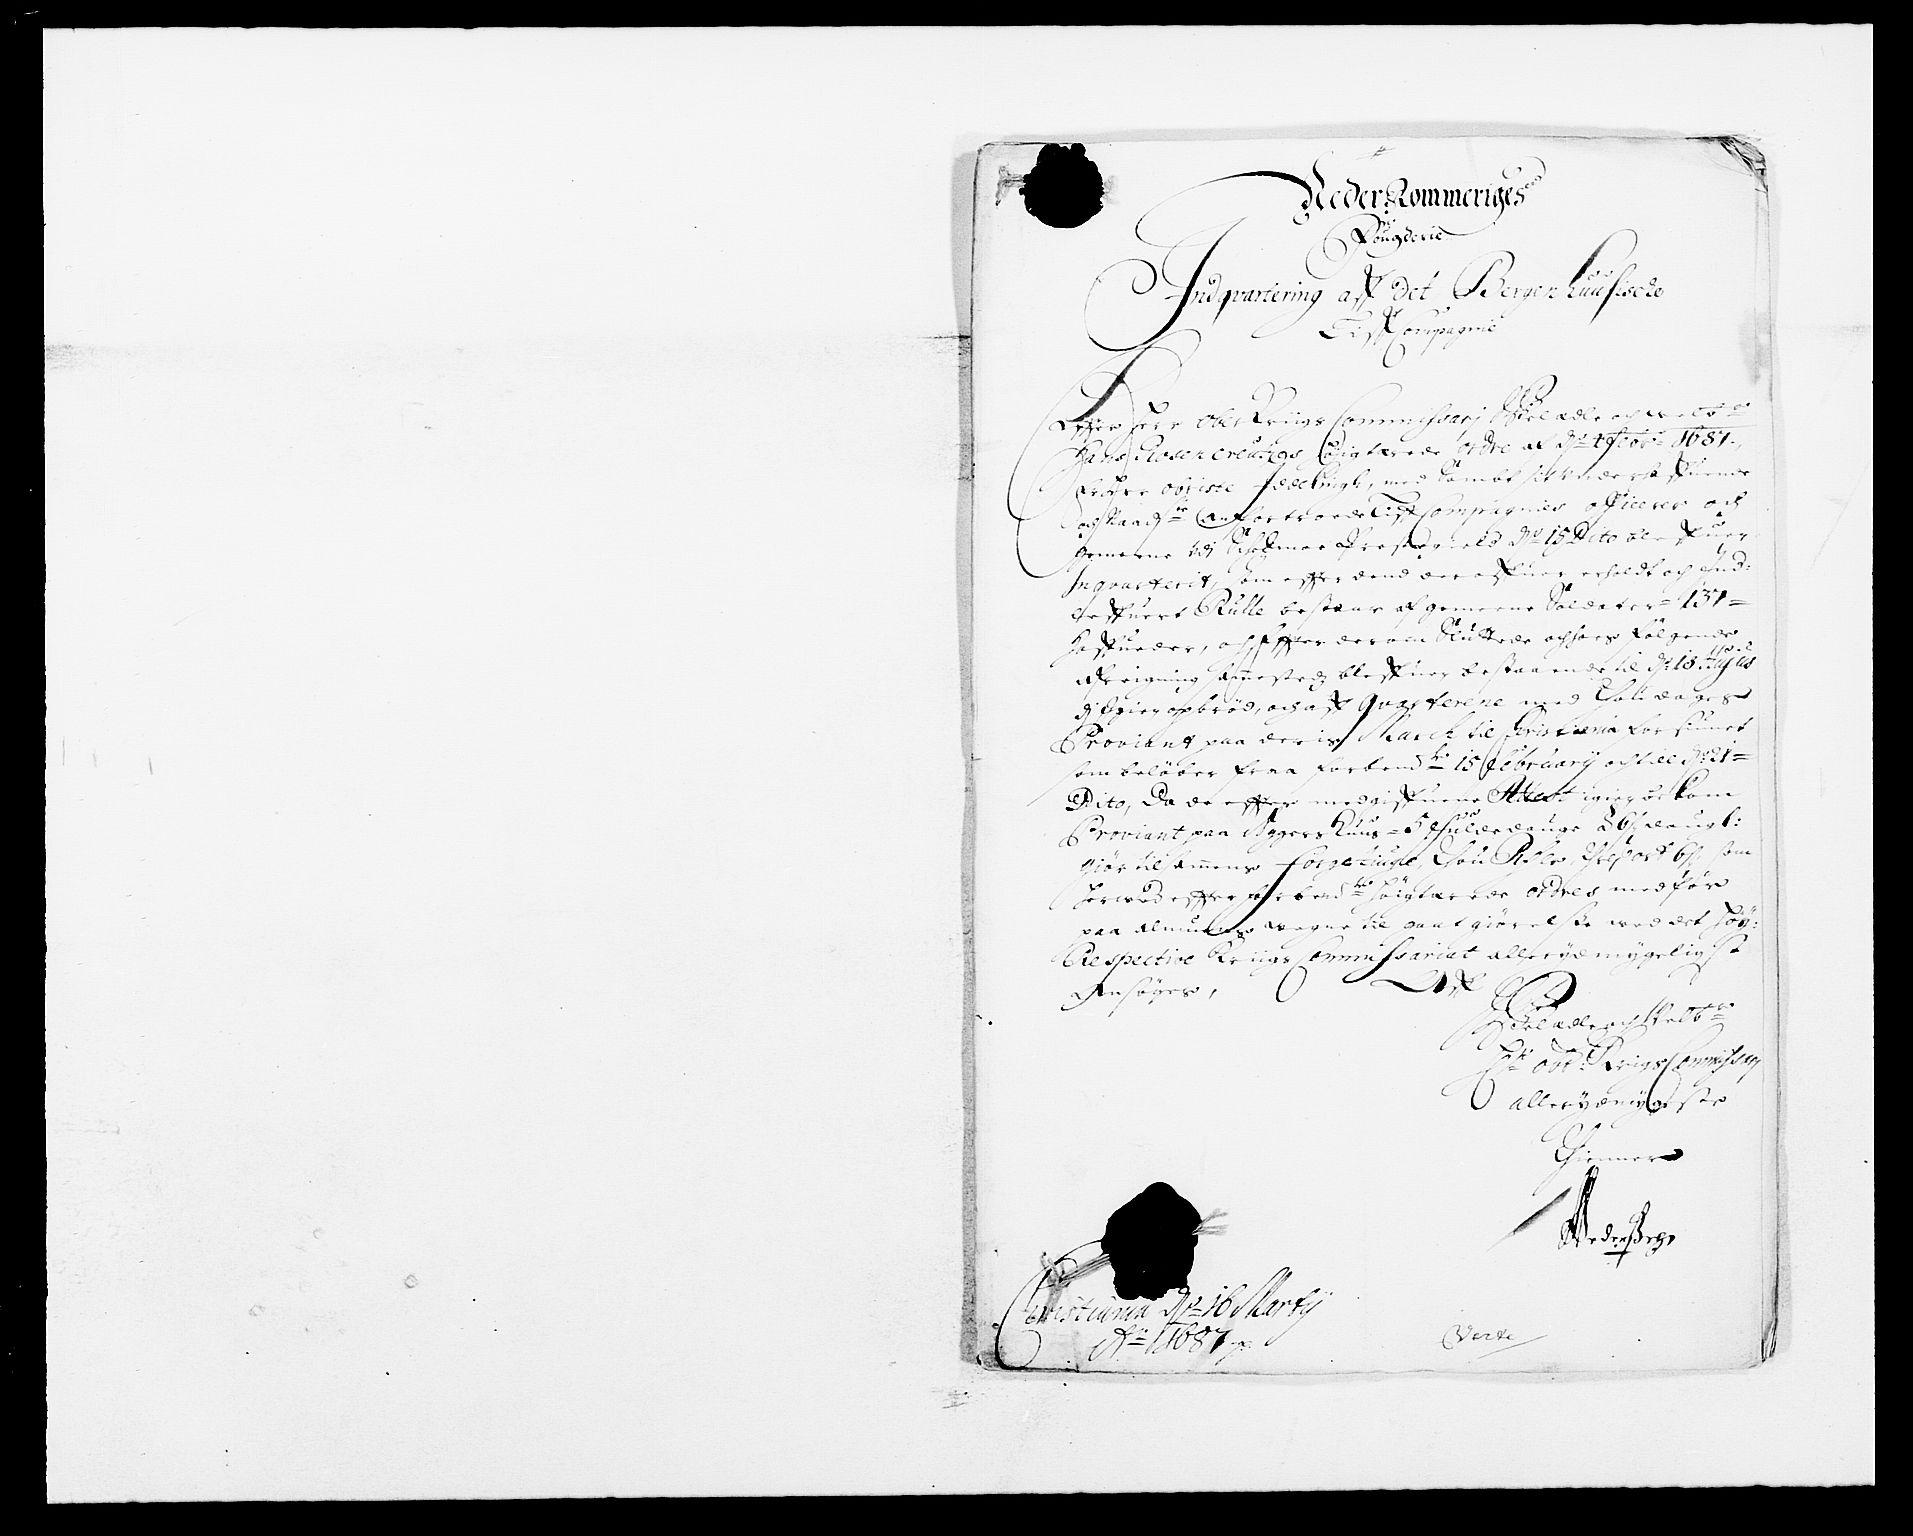 RA, Rentekammeret inntil 1814, Reviderte regnskaper, Fogderegnskap, R11/L0572: Fogderegnskap Nedre Romerike, 1686-1687, s. 434